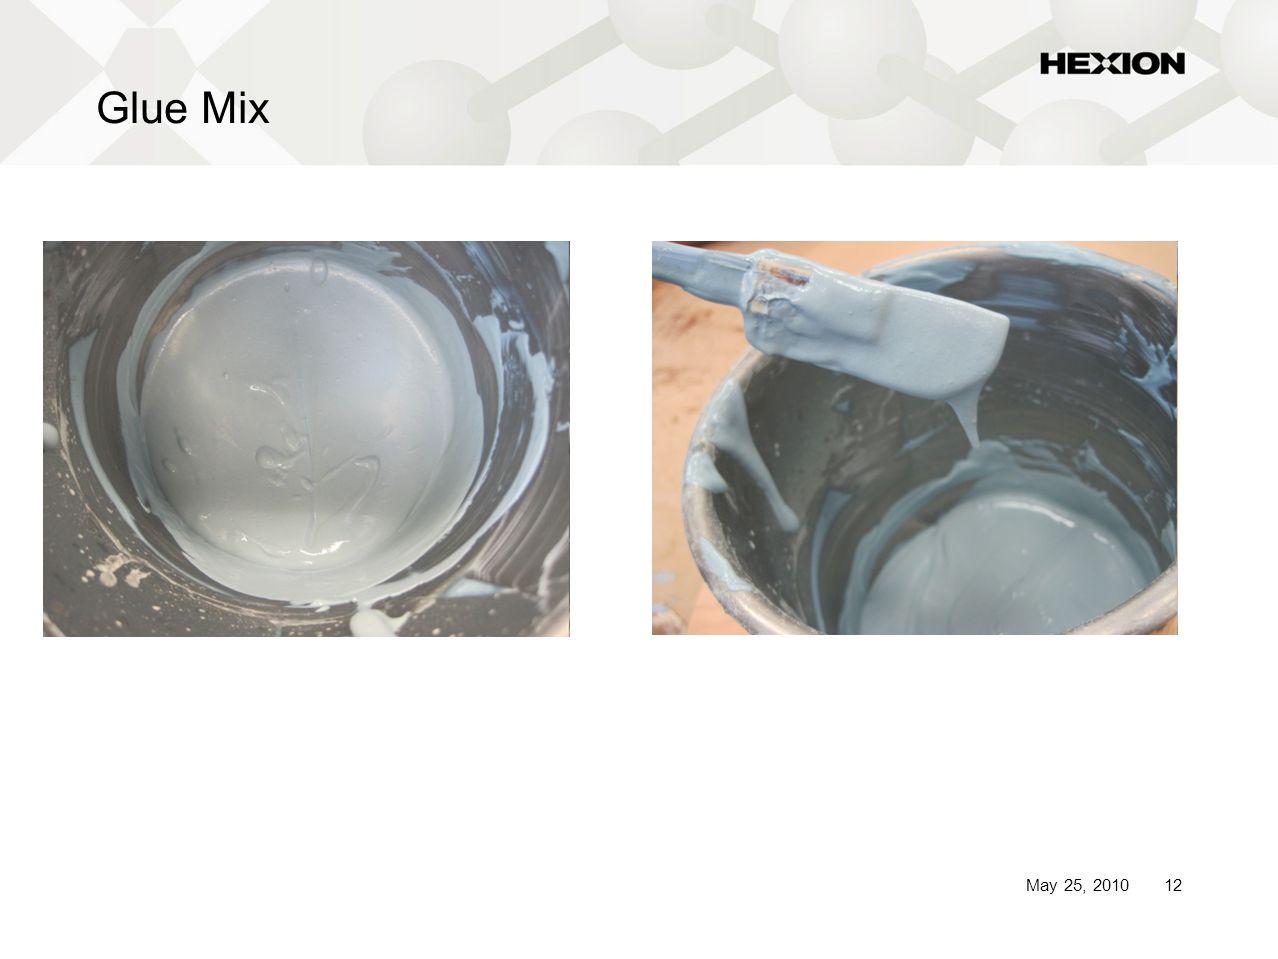 12May 25, 2010 Glue Mix